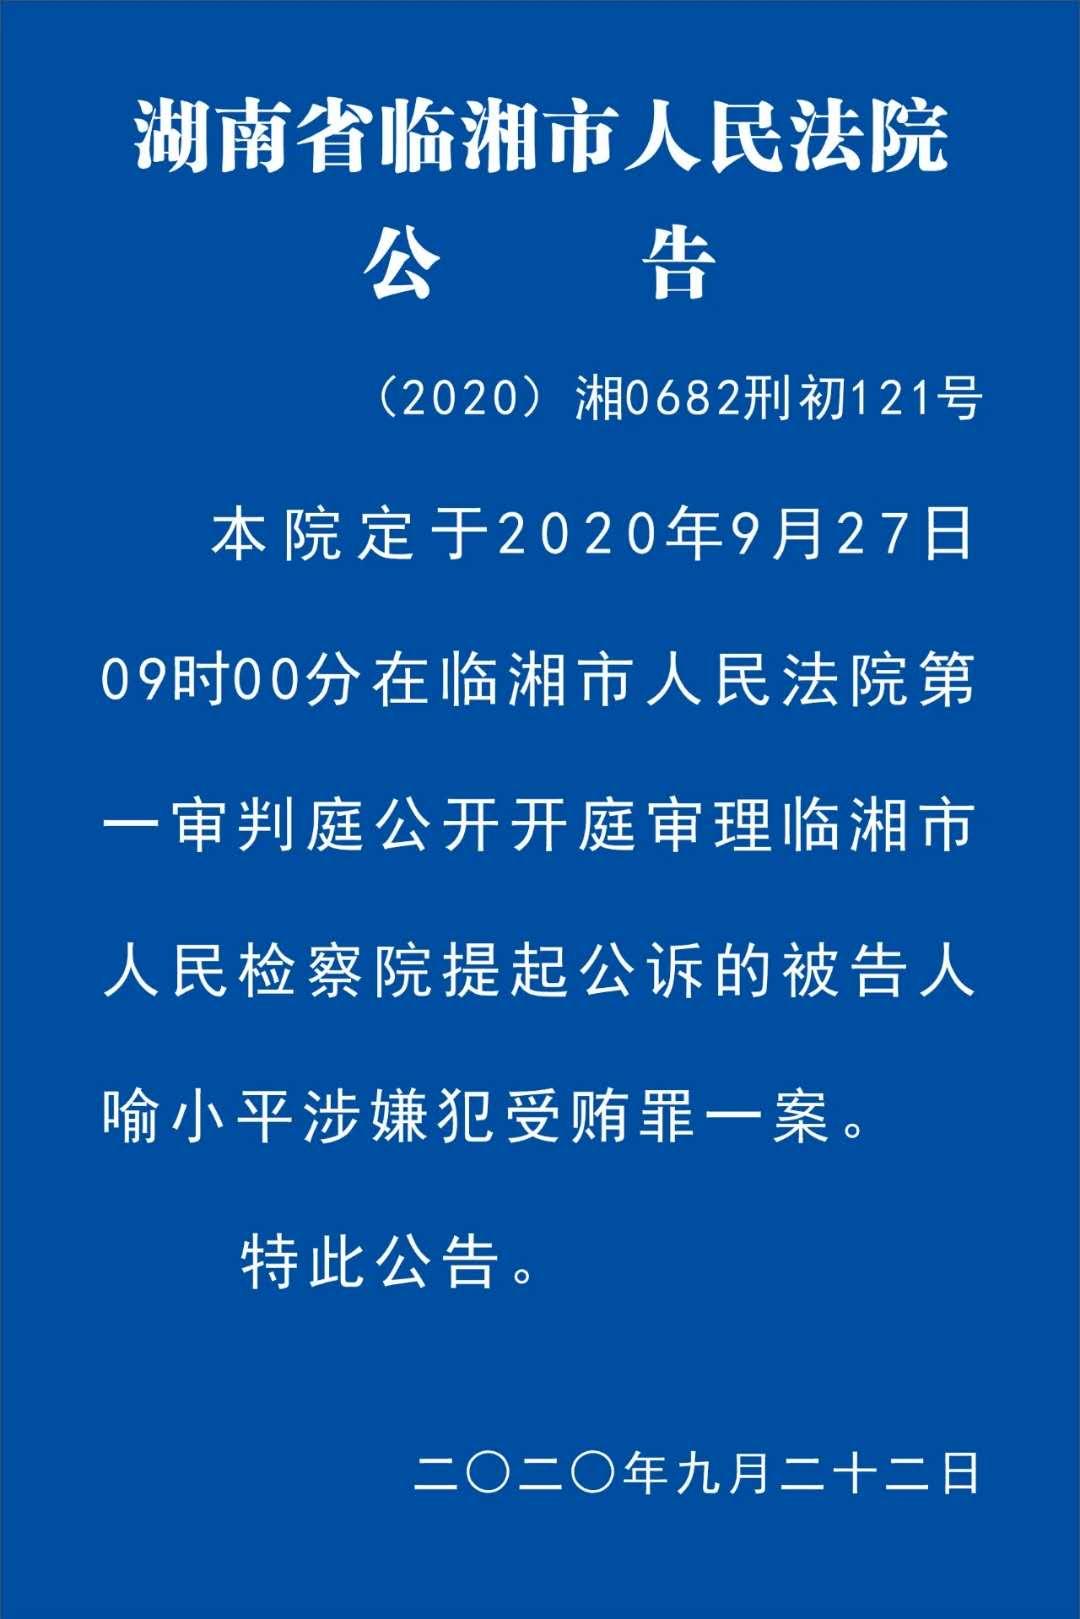 湖南临湘一城投企业原董事长受贿案开庭:曾任公安交警大队长